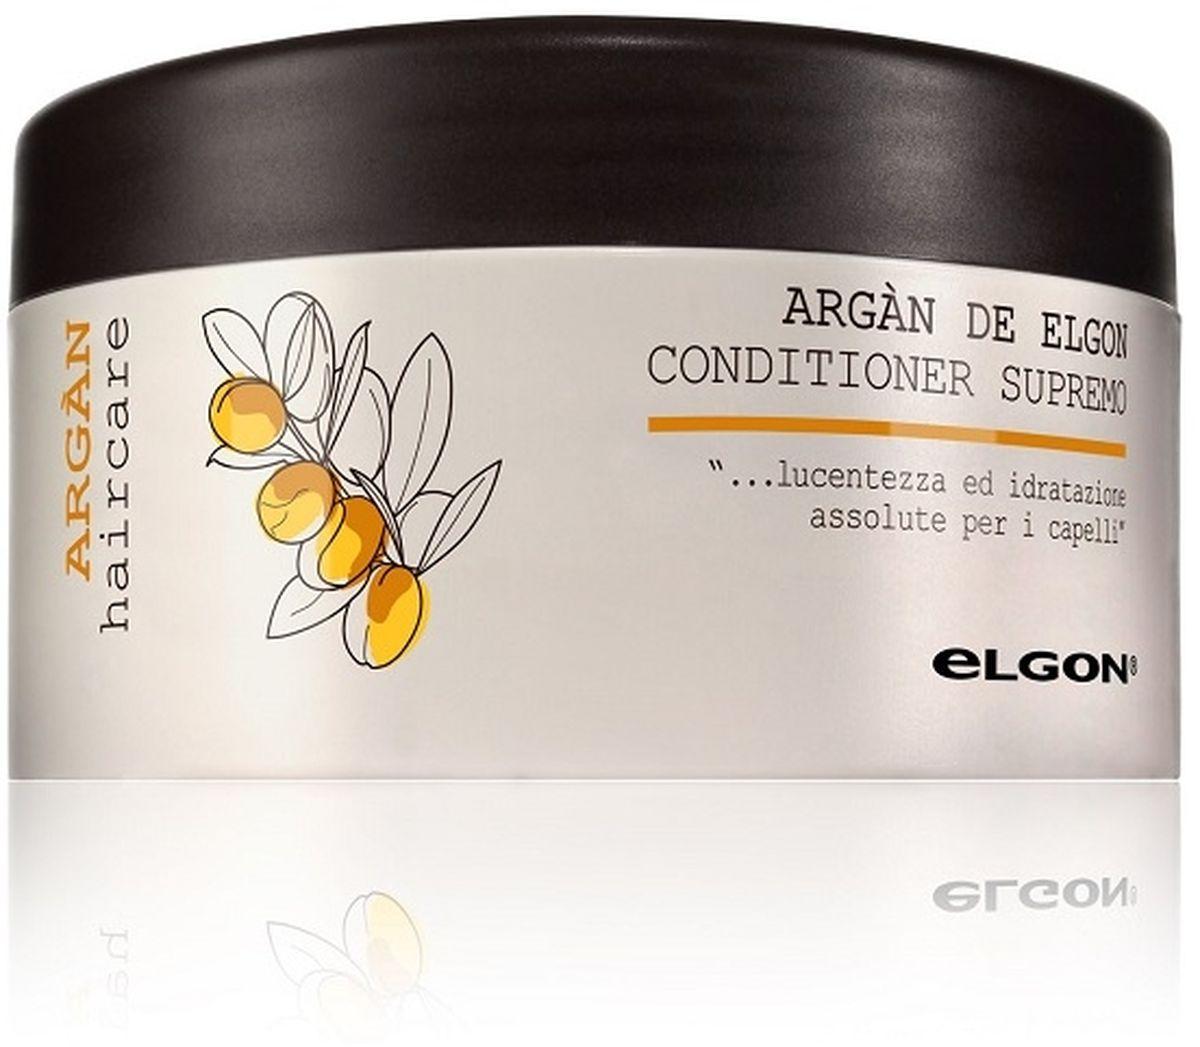 Elgon Argan Кондиционер для волос Argan Conditioner Supremo, 250 мл